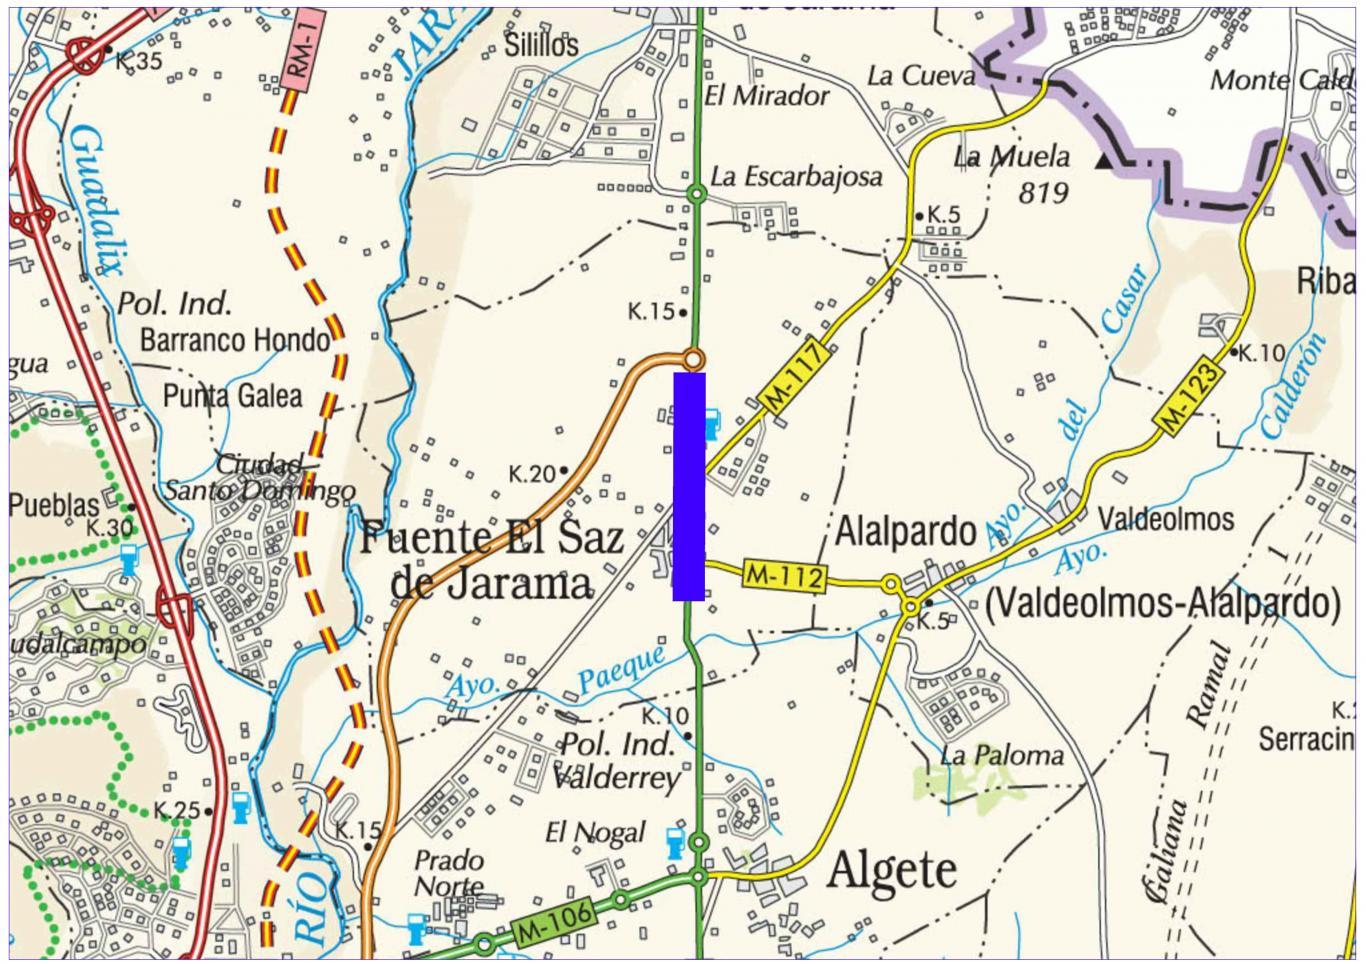 Plano de situación de la obra M-103 pk 12-14,510